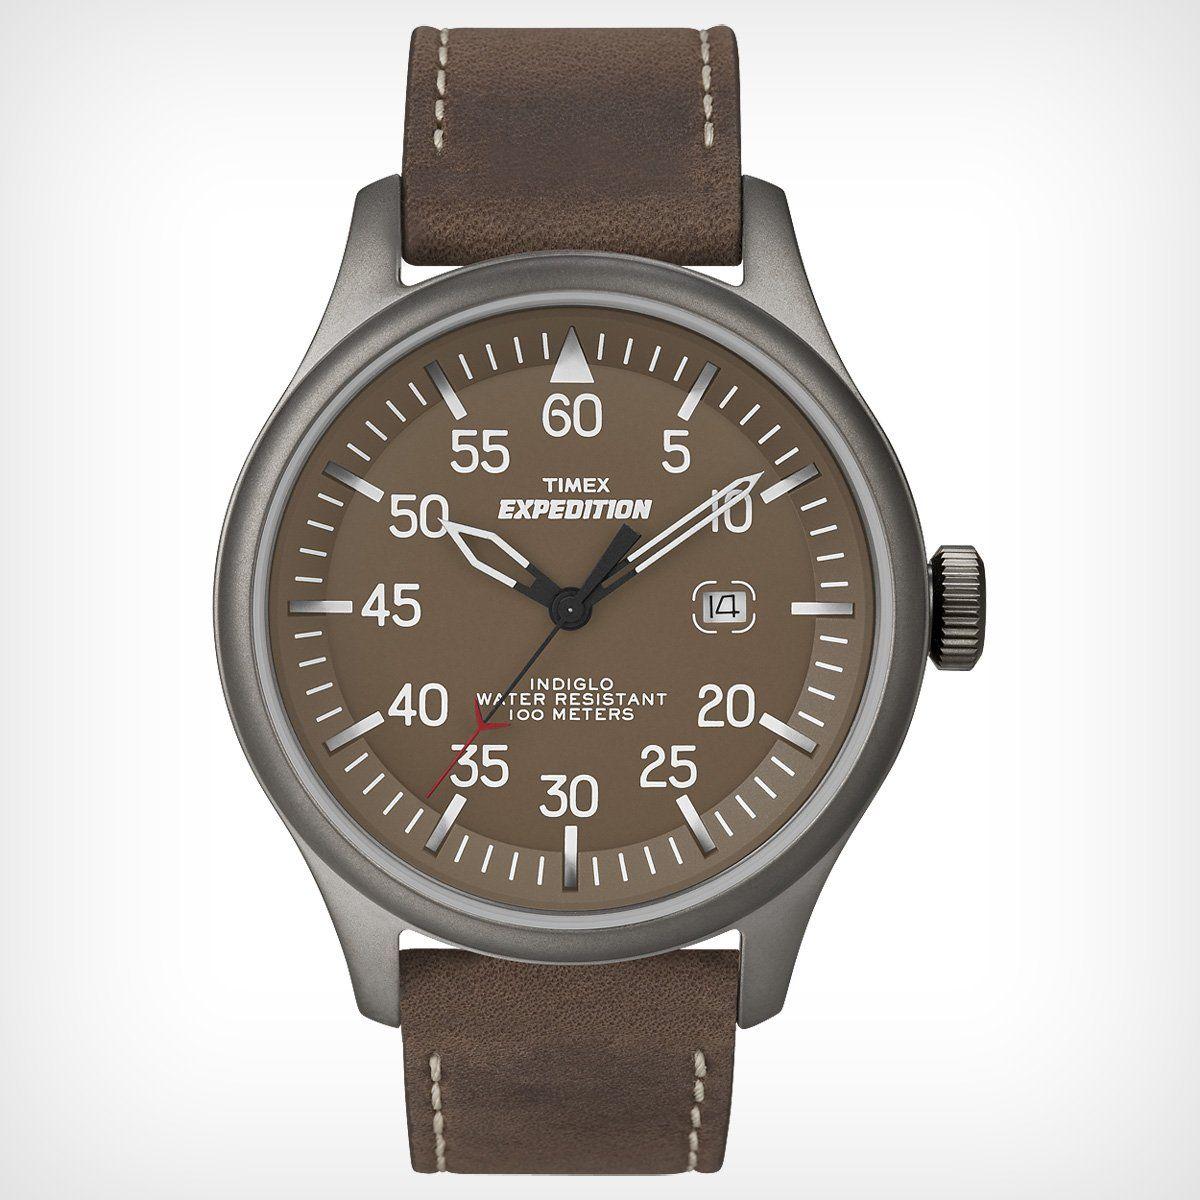 Mặt đồng hồ nổi bật với những con số rõ ràng, sắc nét. Có hiển thị ngày ở vị trí 3 giờ